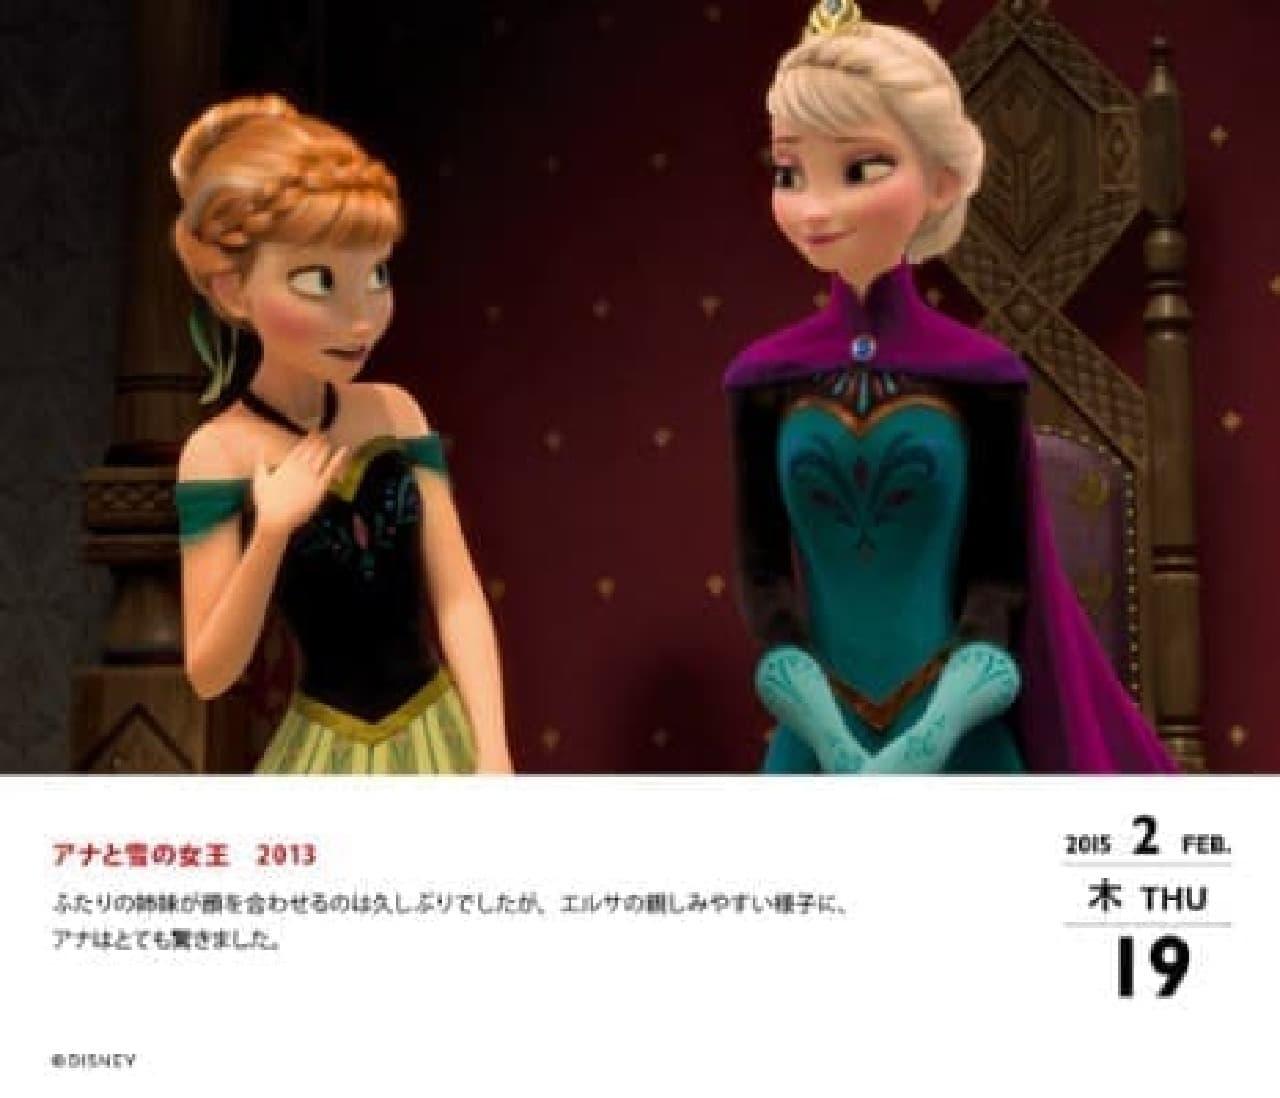 ディズニー版には映画「アナと雪の女王」の15シーンも